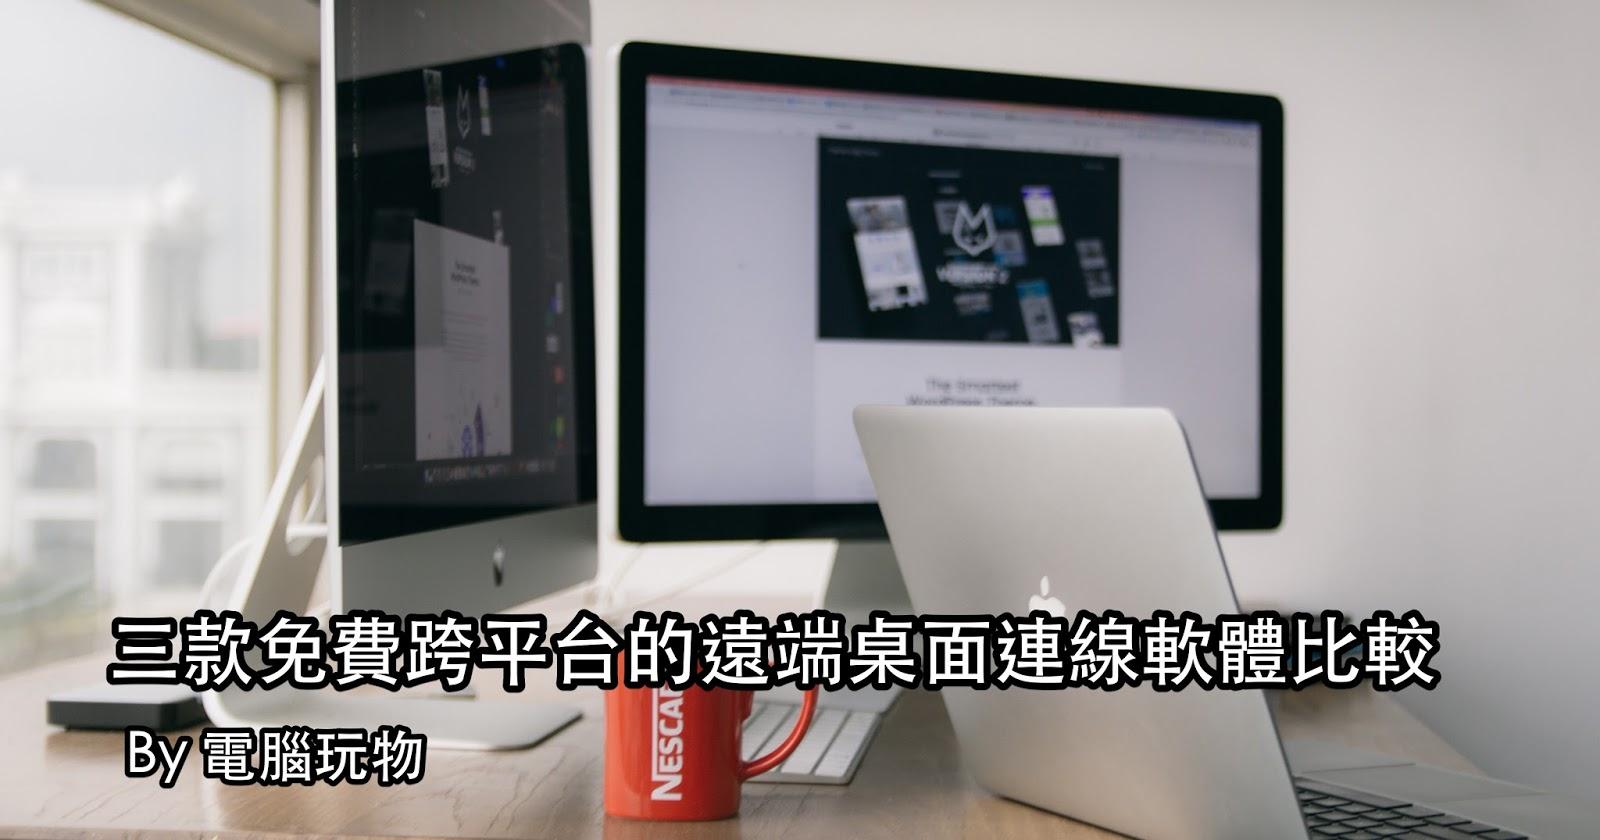 免費遠端桌面連線軟體比較表,三款跨平台遠端工作利器下載